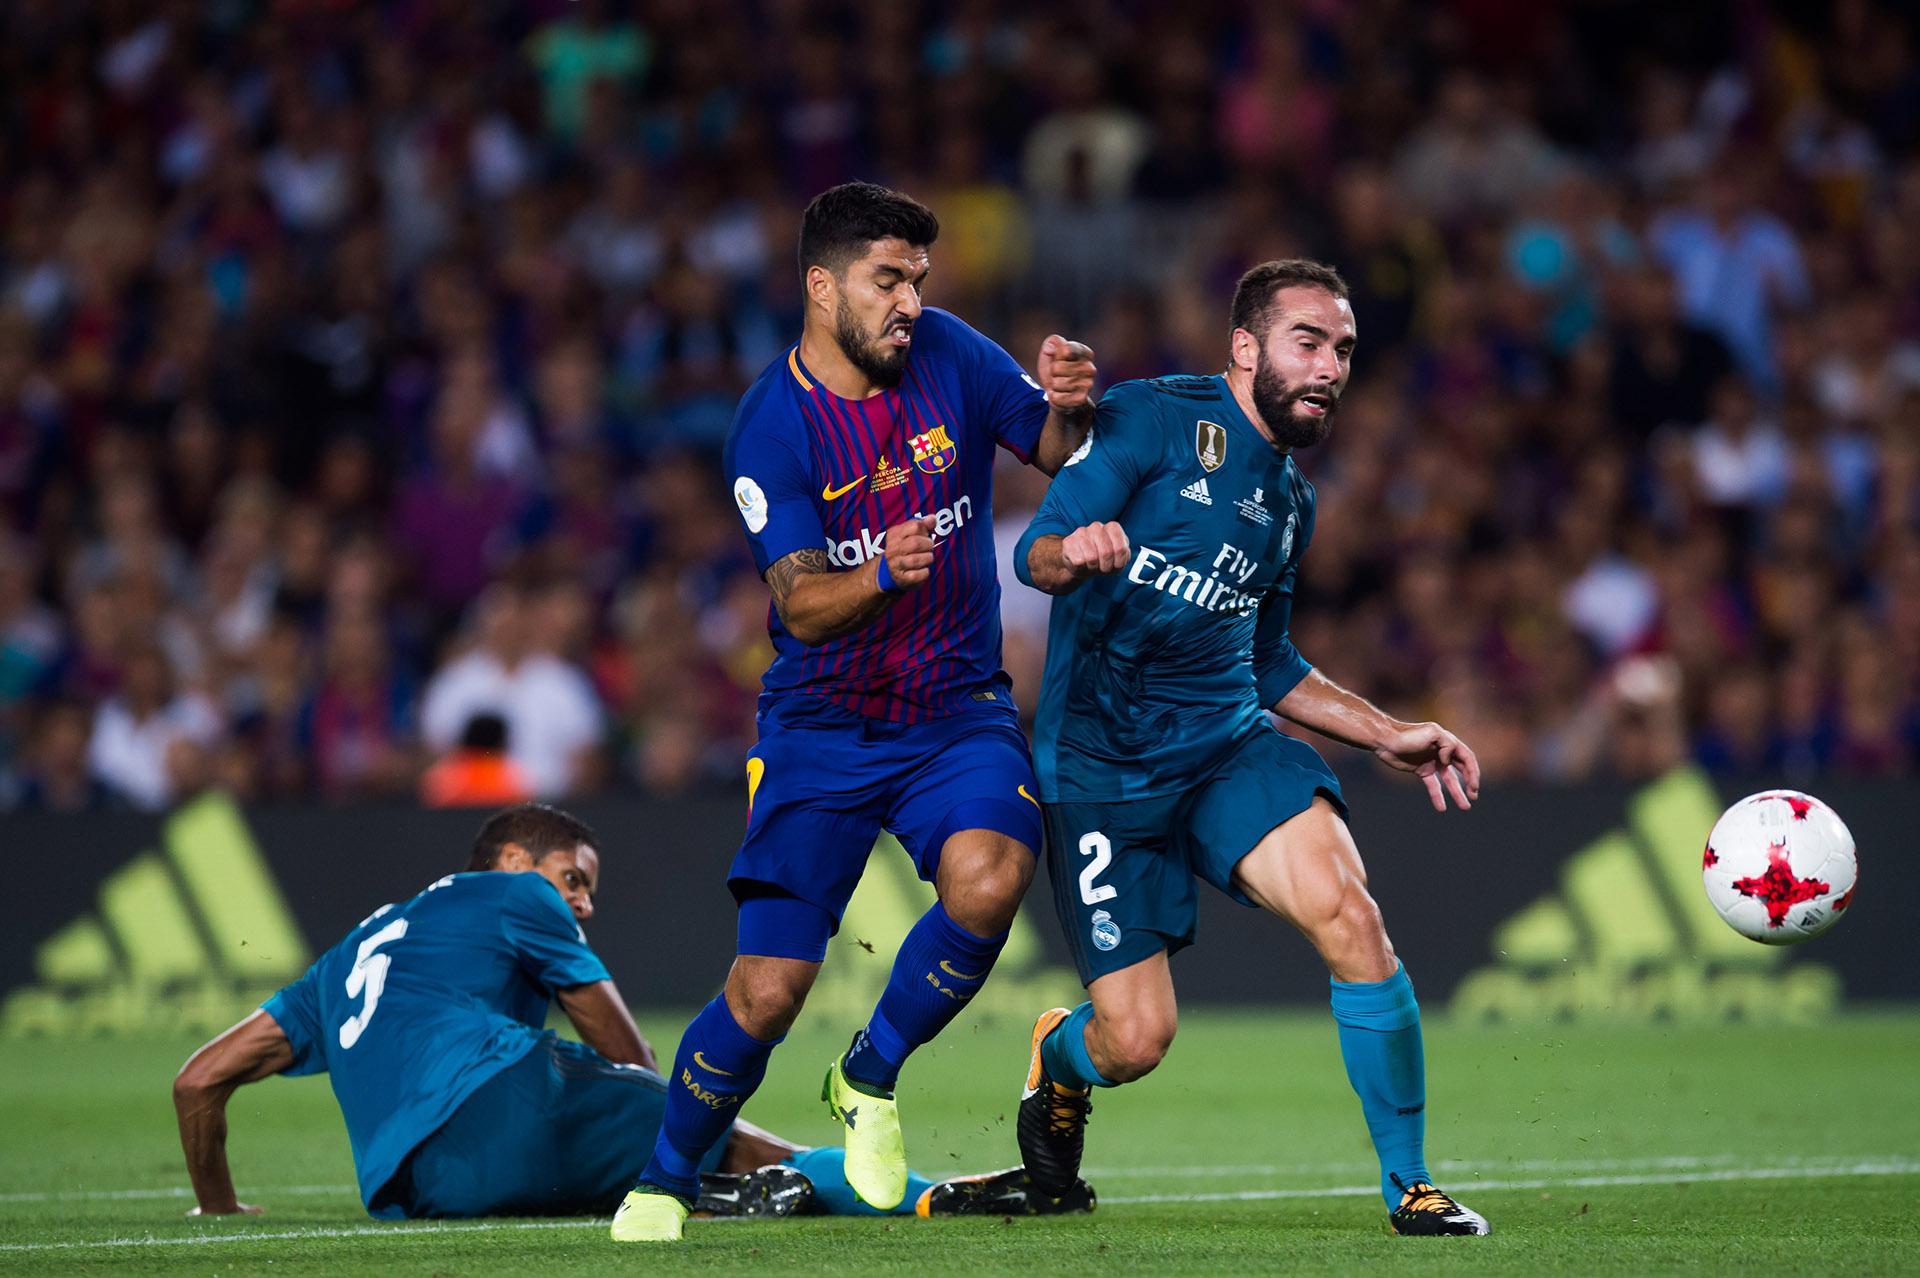 Con más intención que fútbol, el Barcelona buscó un resultado que jamás consiguió